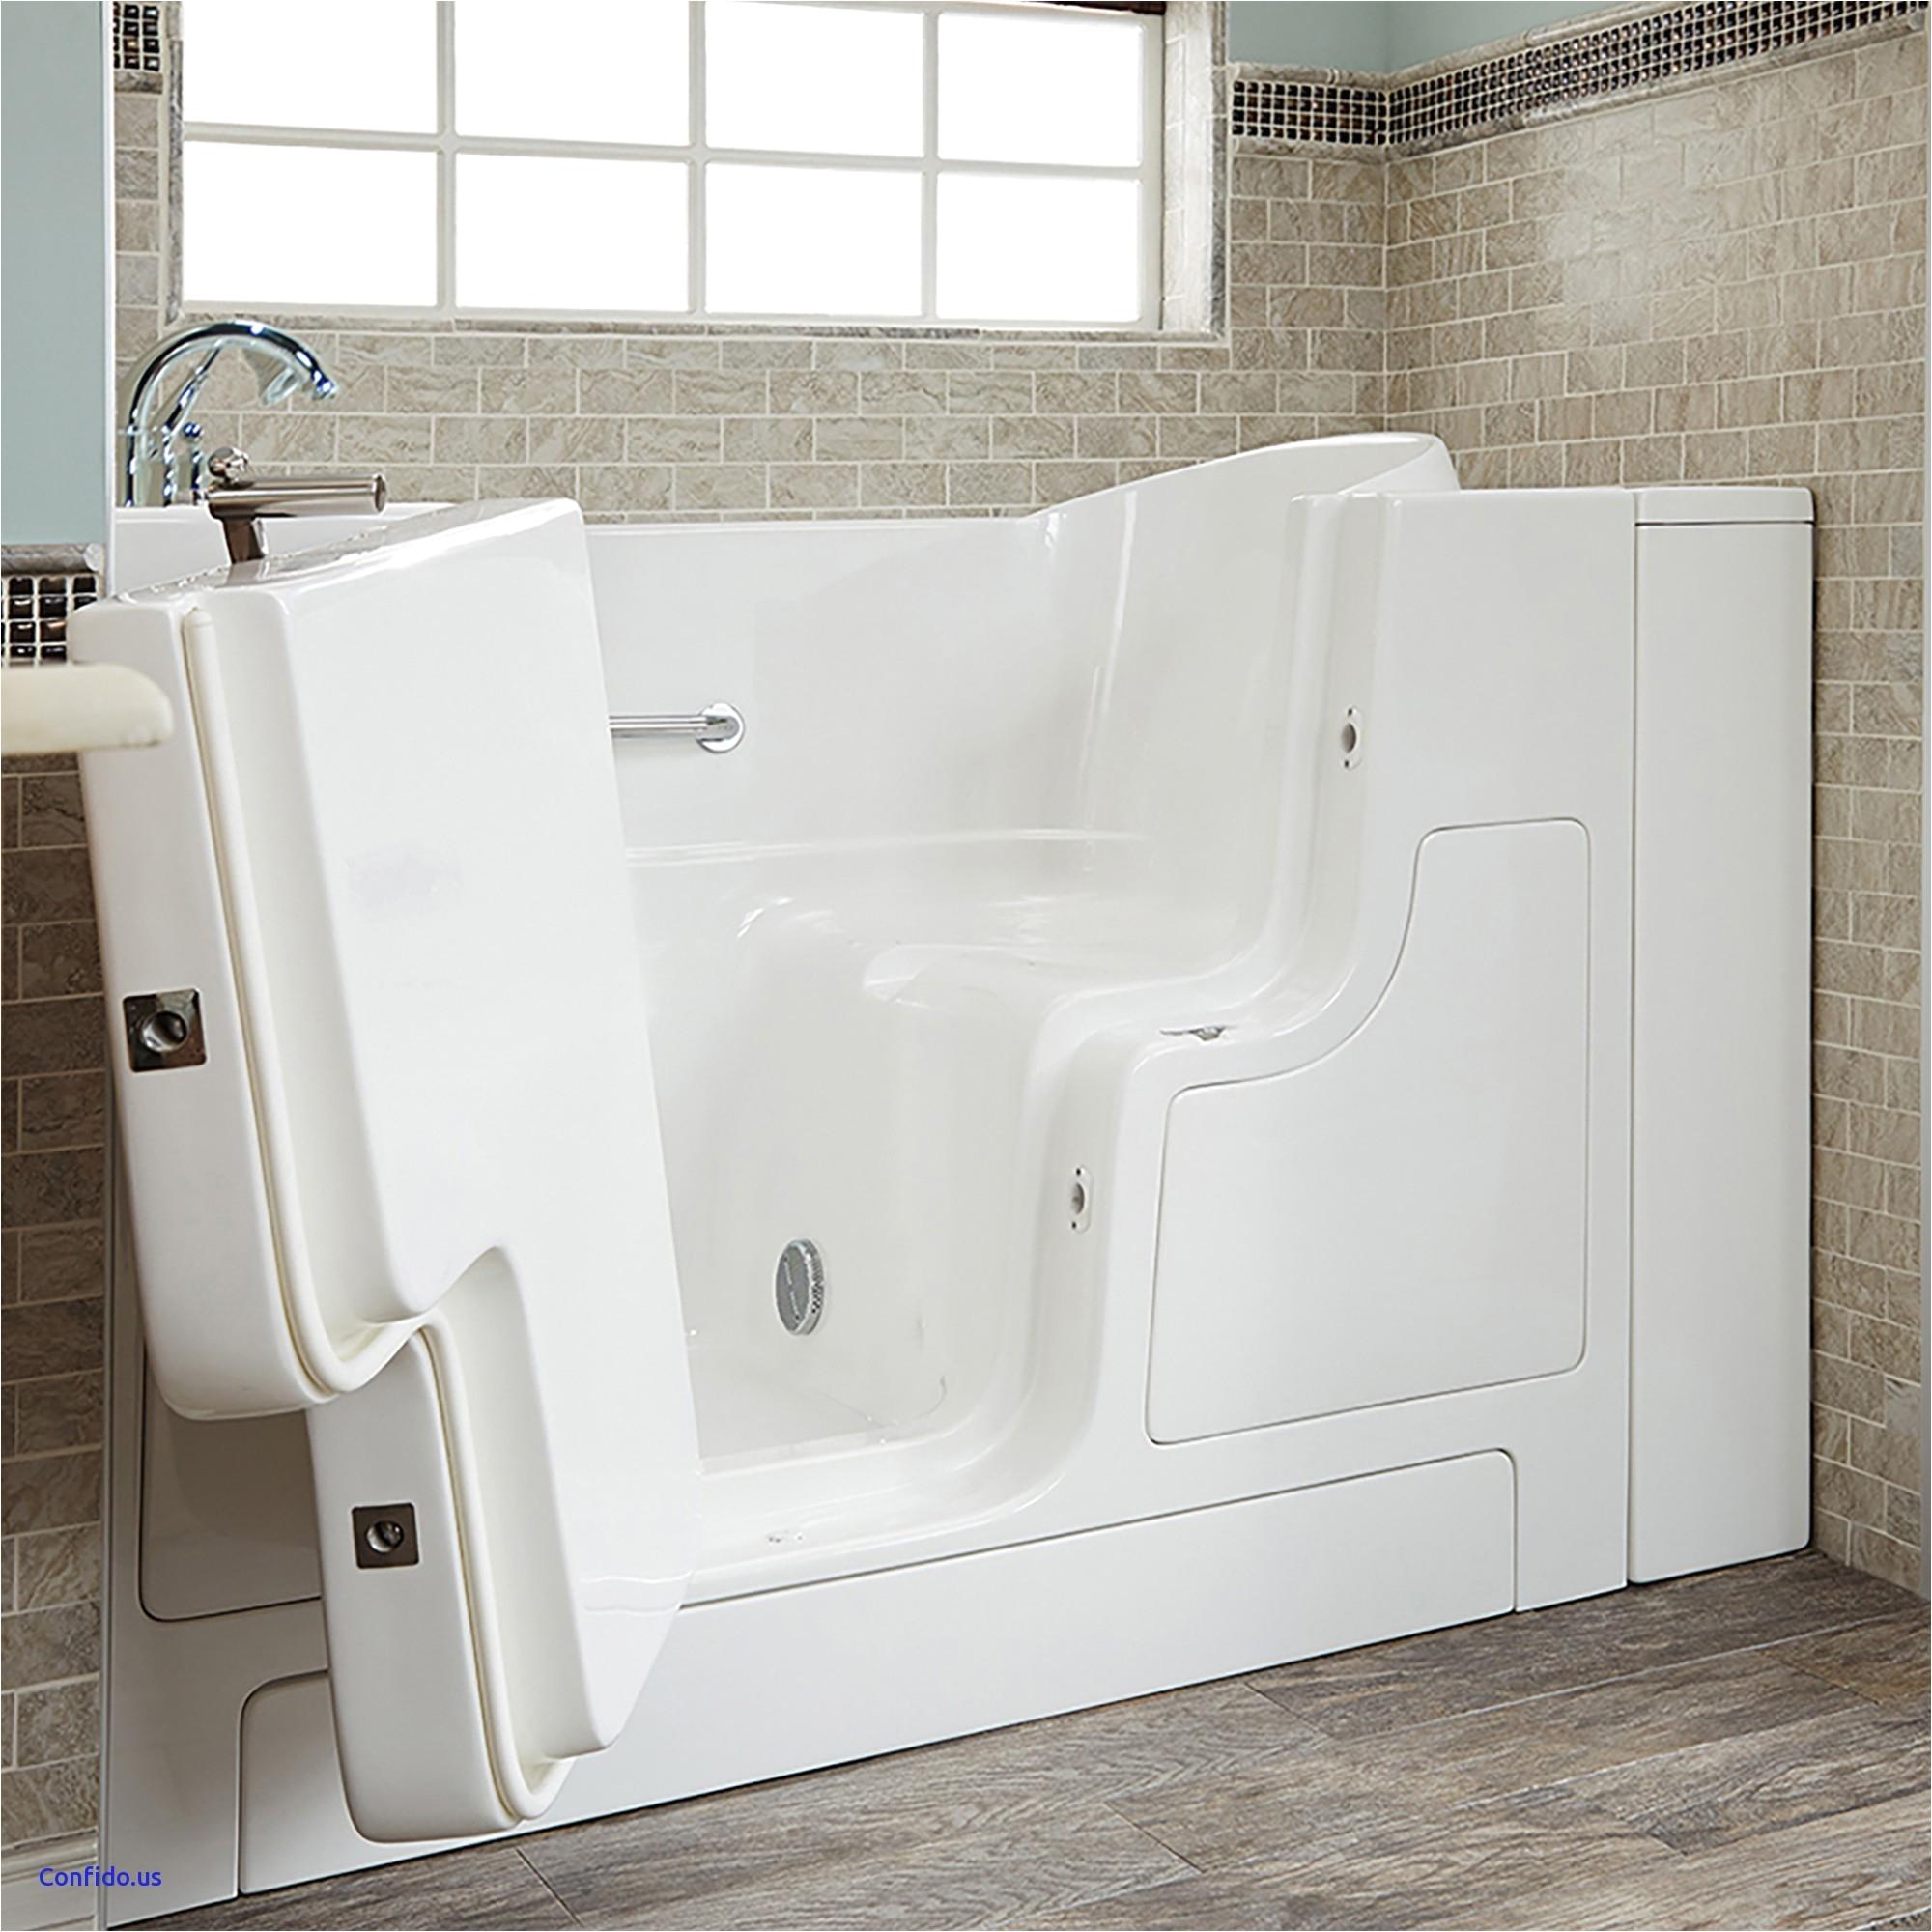 54x27 bathtub fresh 54 27 bathtub elegant inspirational bathroom picture ideas lovely